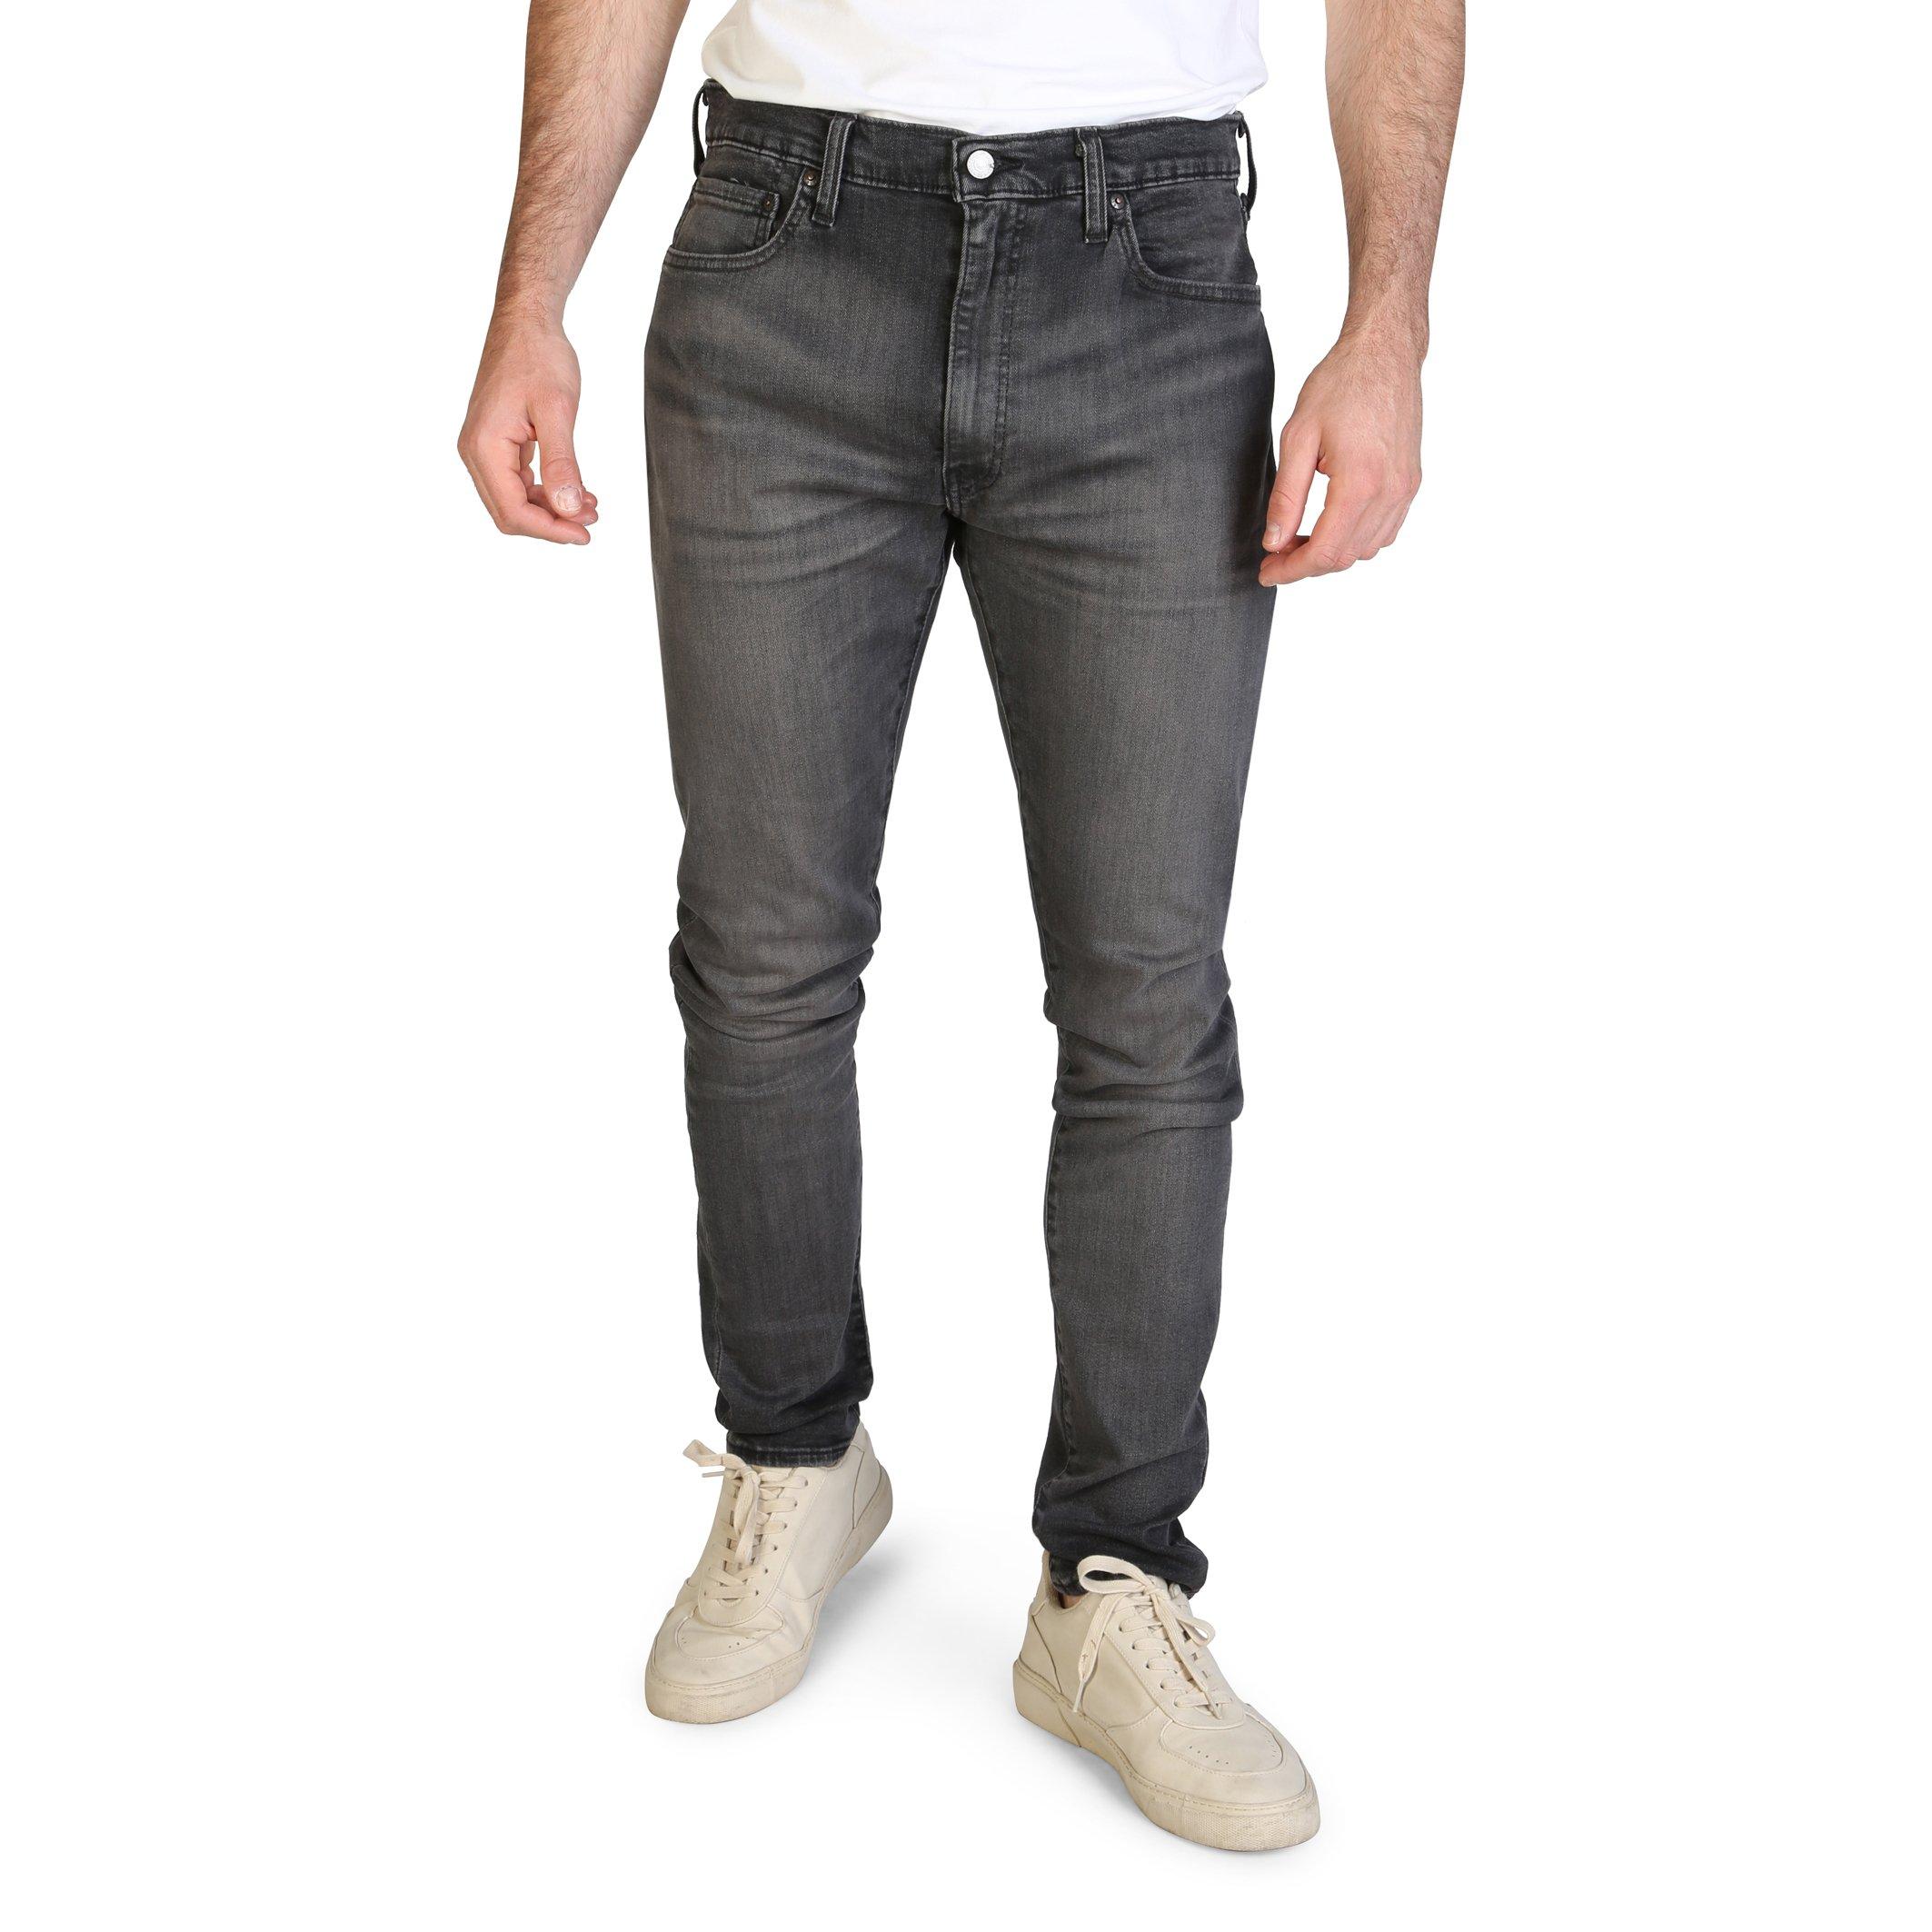 Levis Men's Jeans Blue 84558 - black-1 30